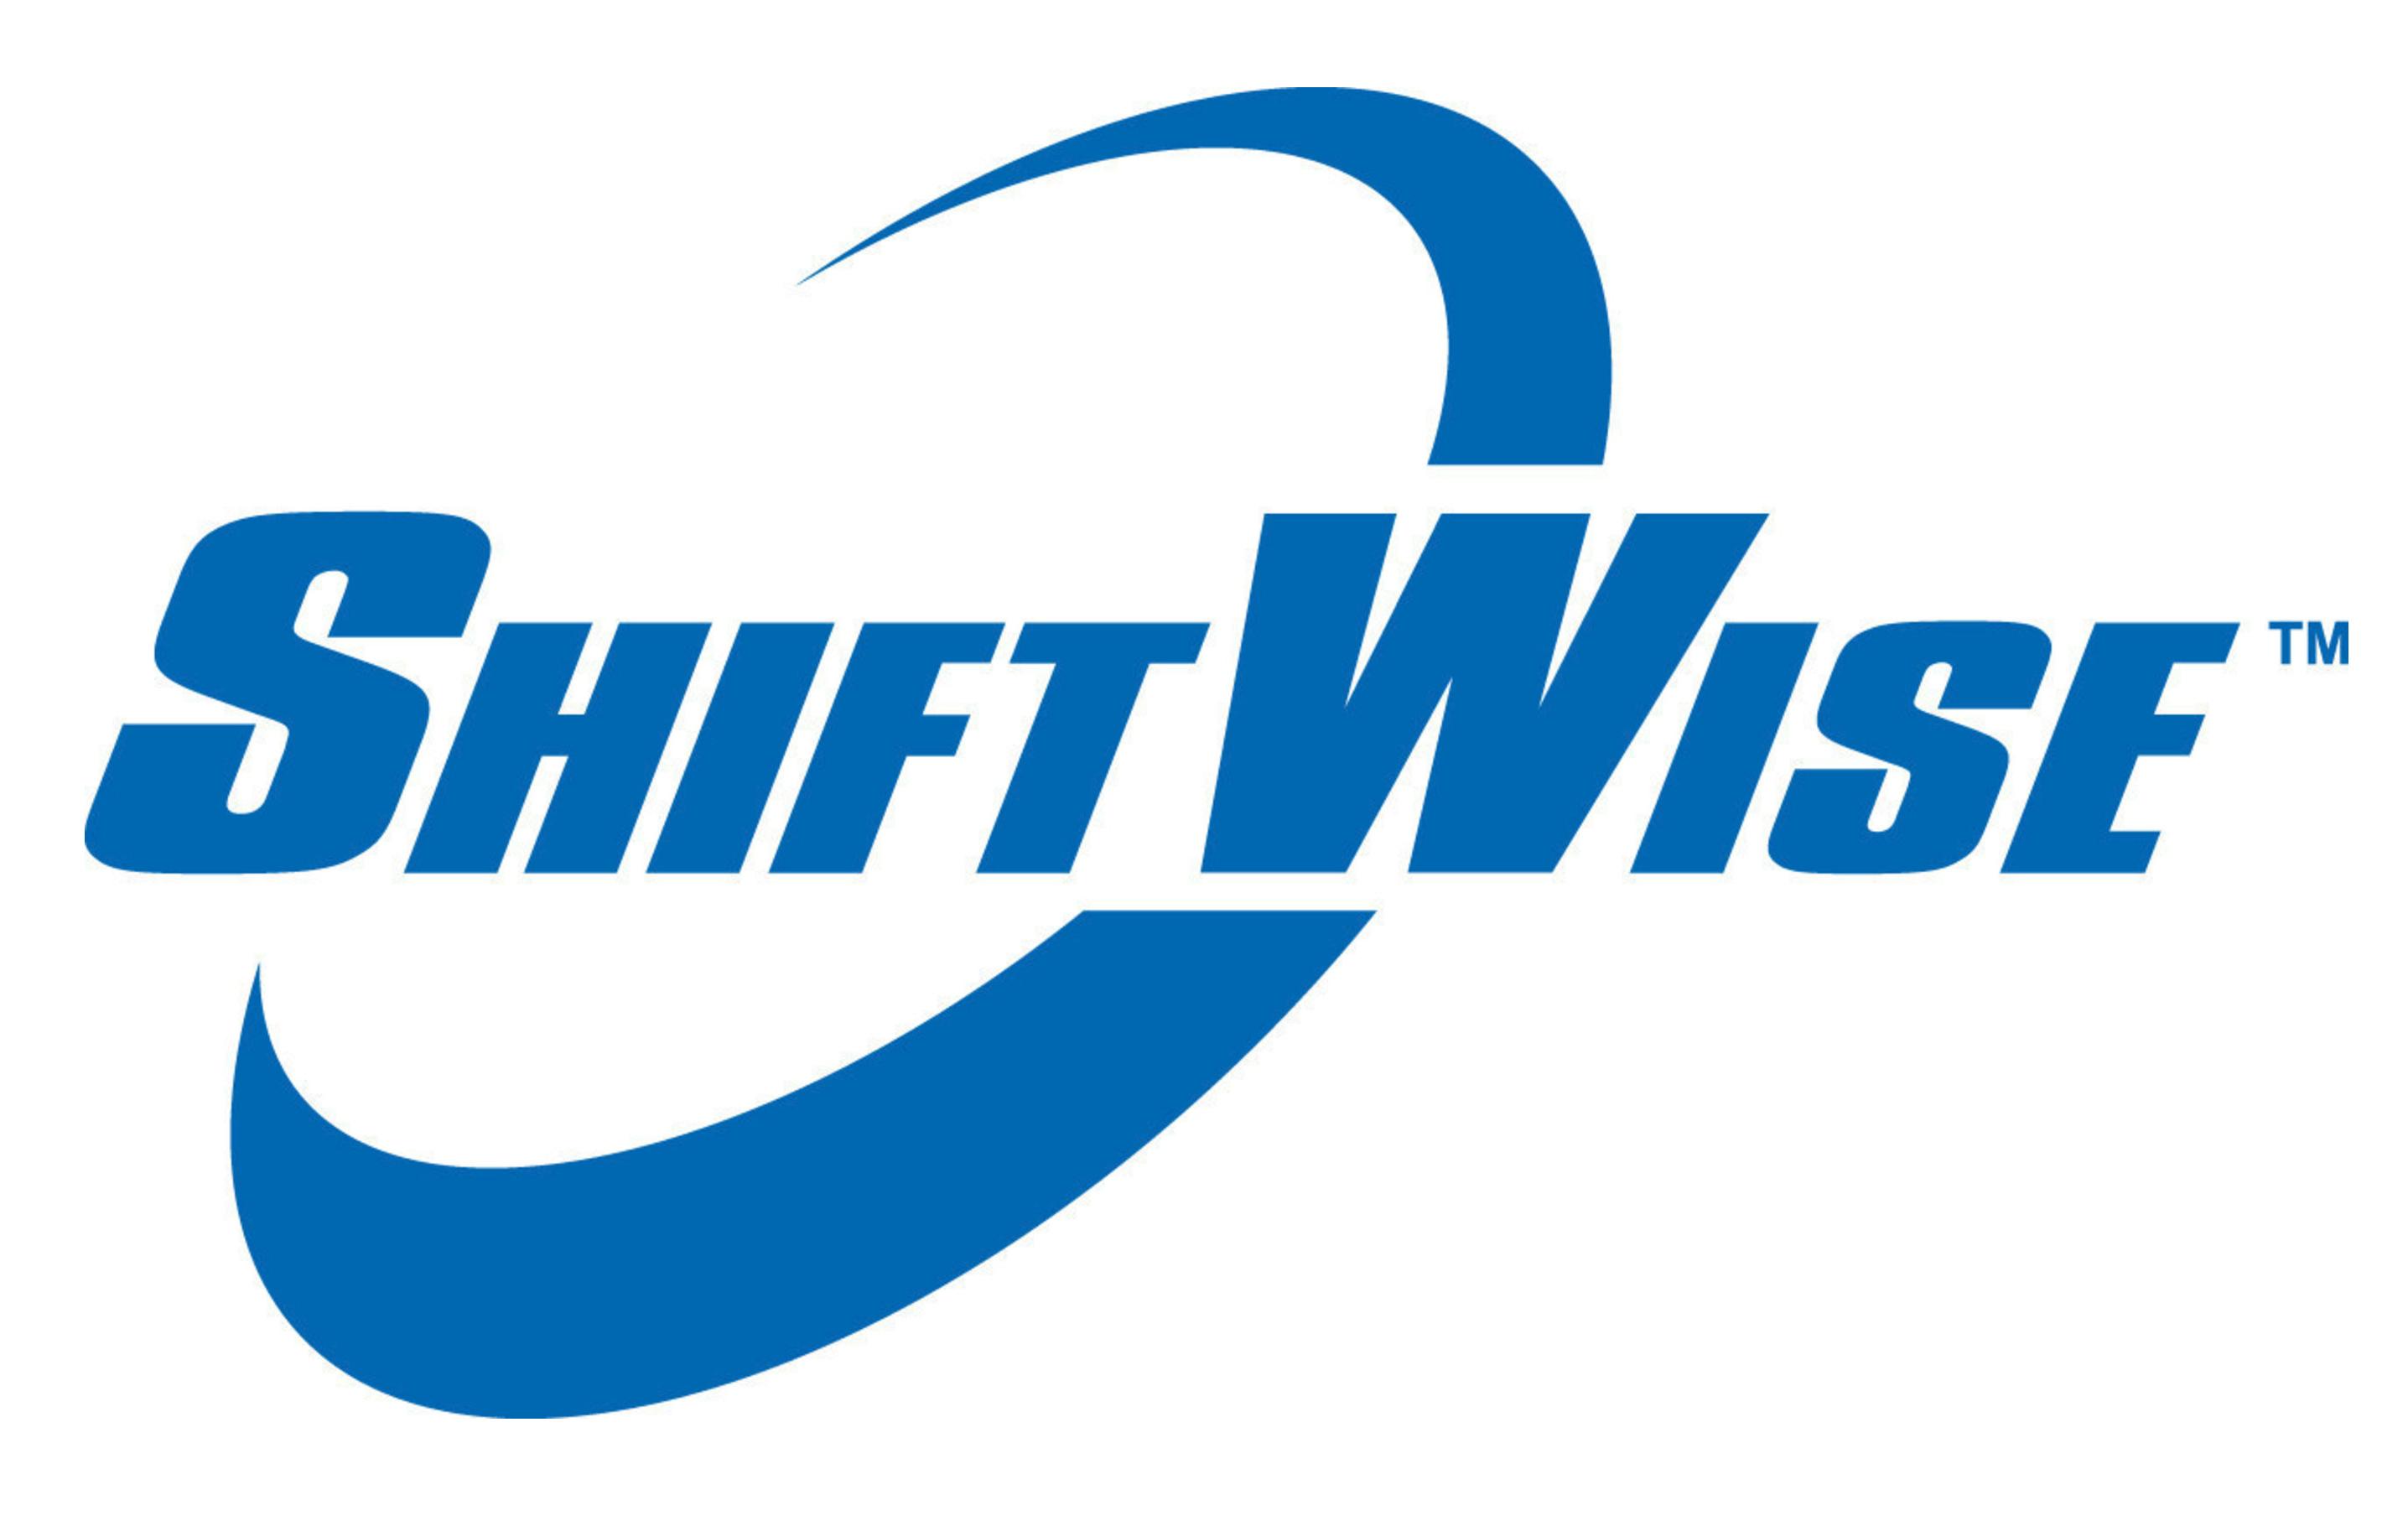 ShiftWise logo